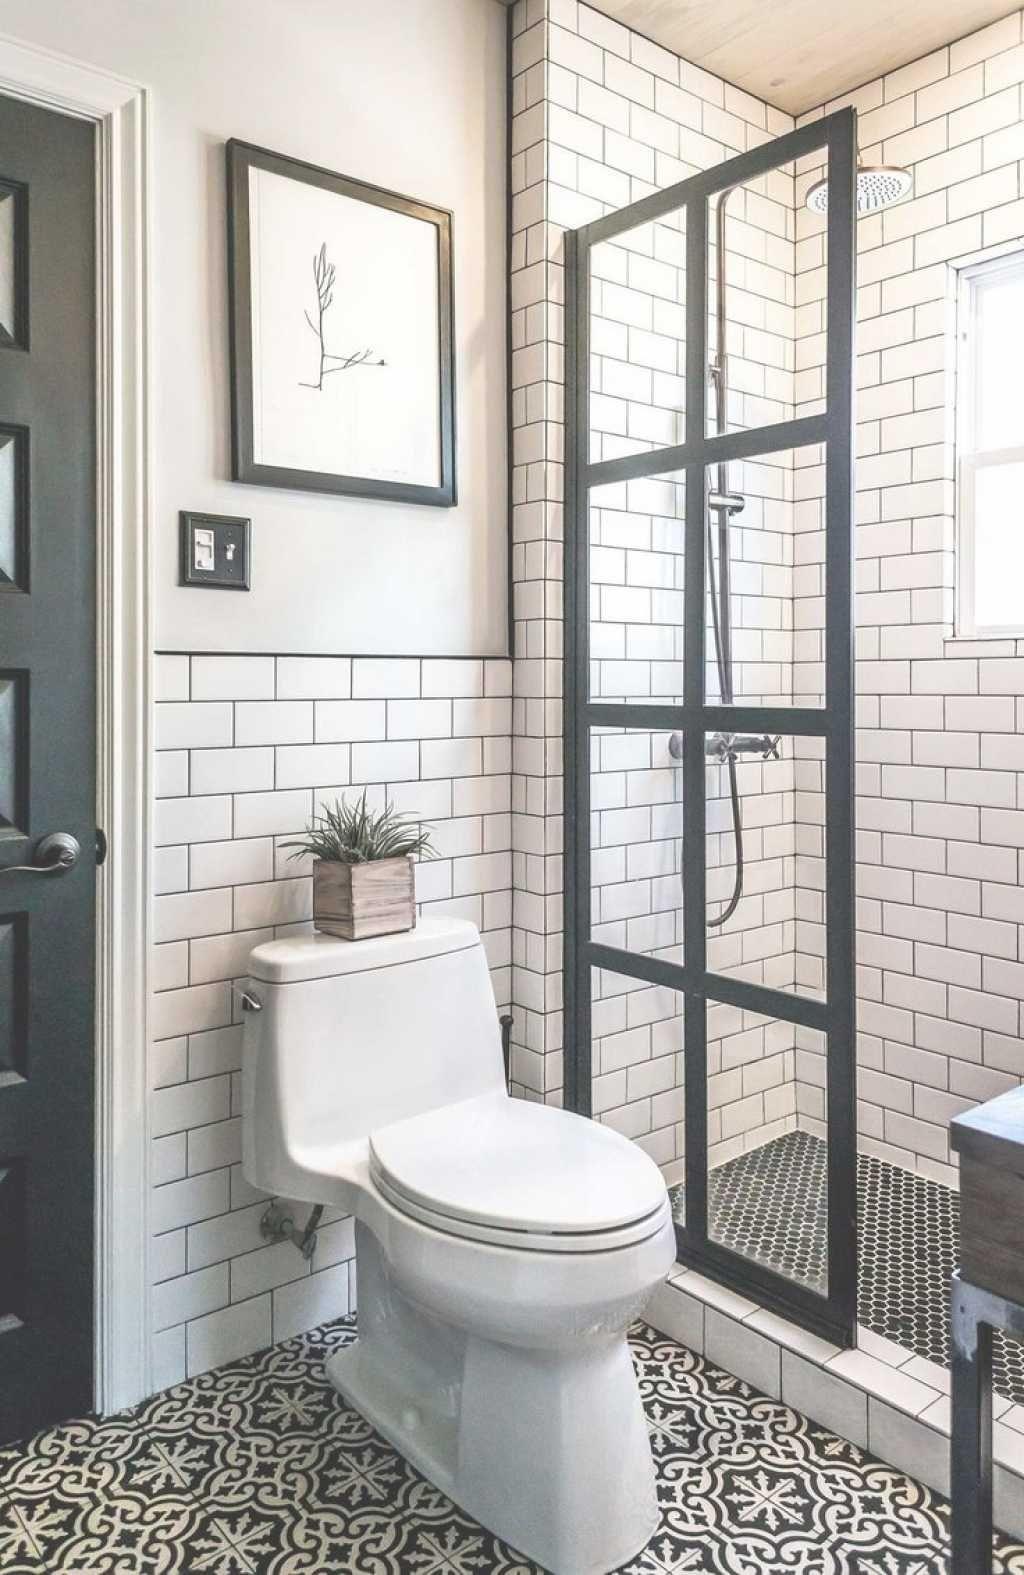 small bathroom makeovers 50+ small master bathroom makeover ideas on a budget http://zoladecor.com/ small-master-bathroom-makeover-ideas-on-a-budget XNYZBST